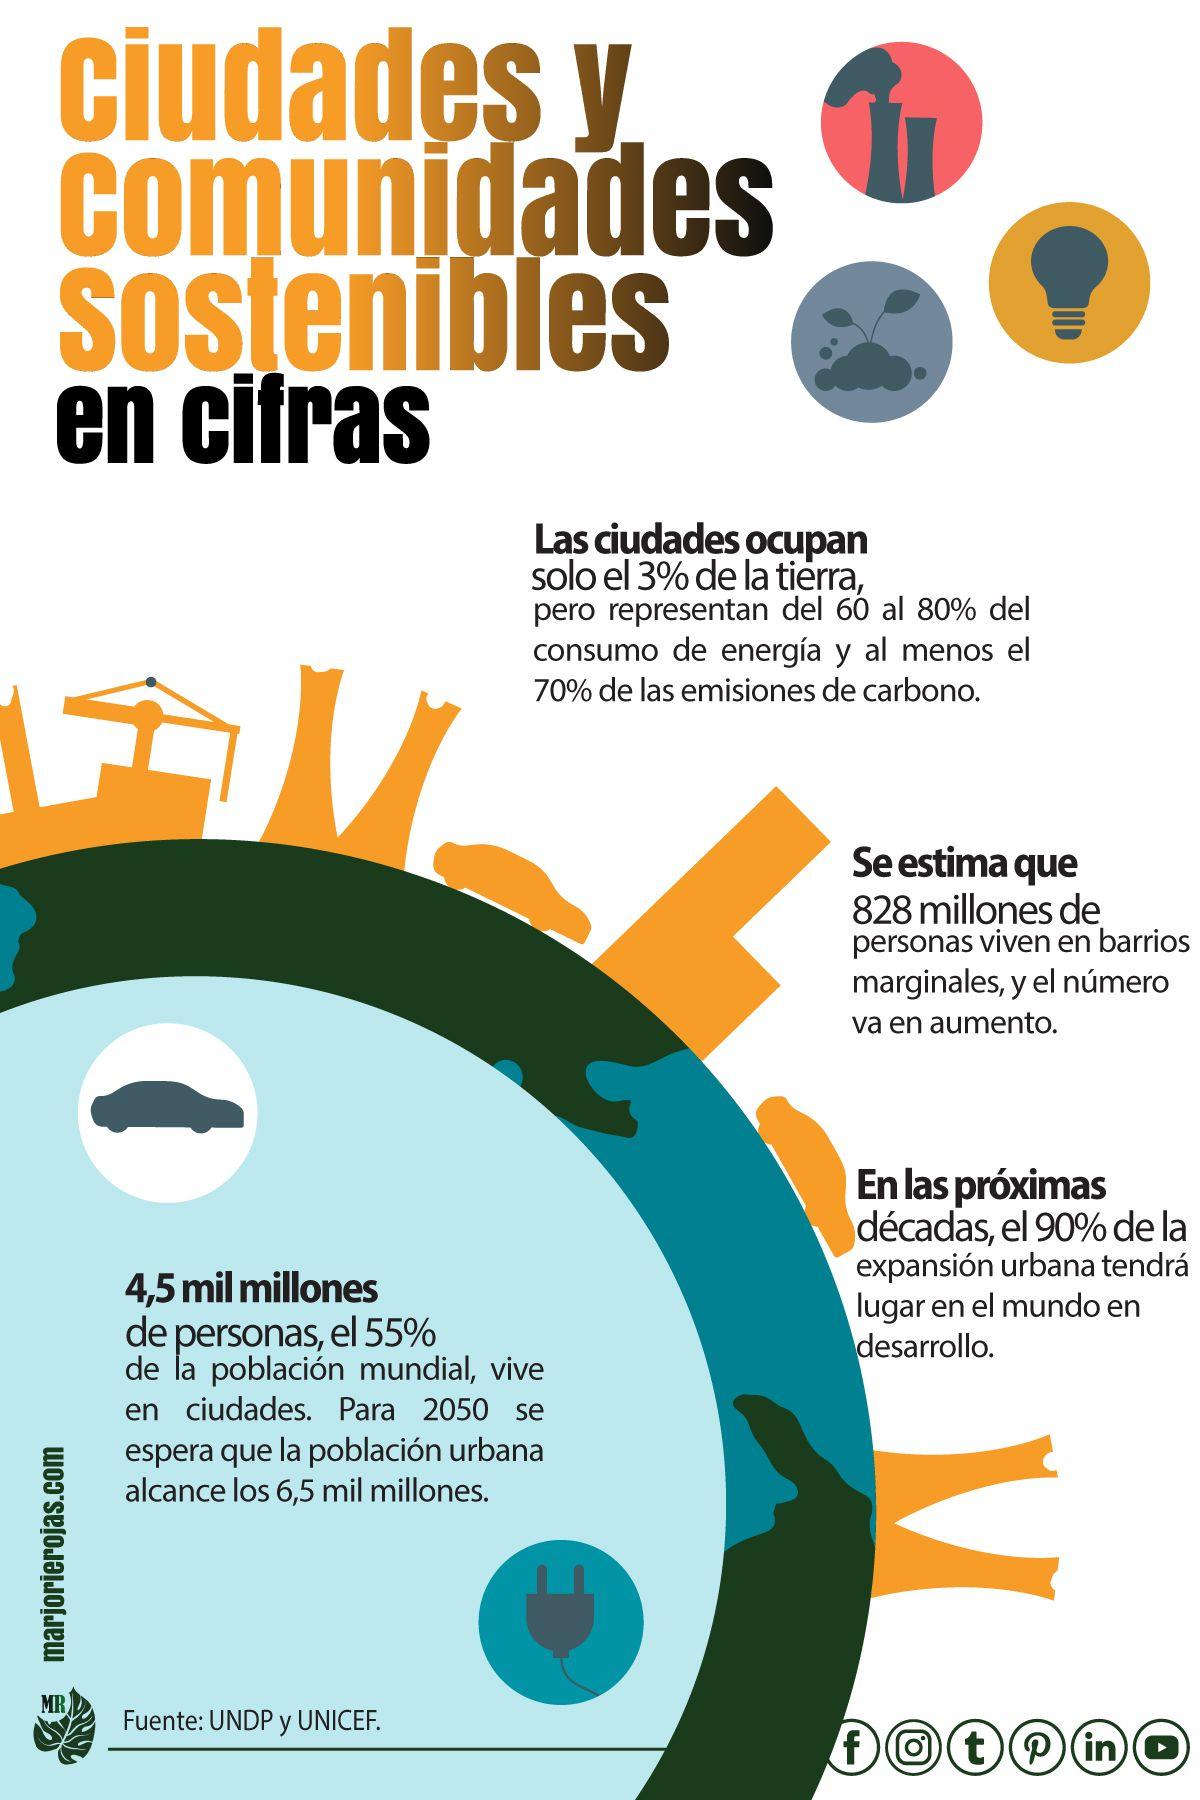 El Ods 11 Ciudades Y Comunidades Sostenibles Desarrollo Sostenible Sistema De Gestión Ambiental Objetivos De Desarrollo Sostenible